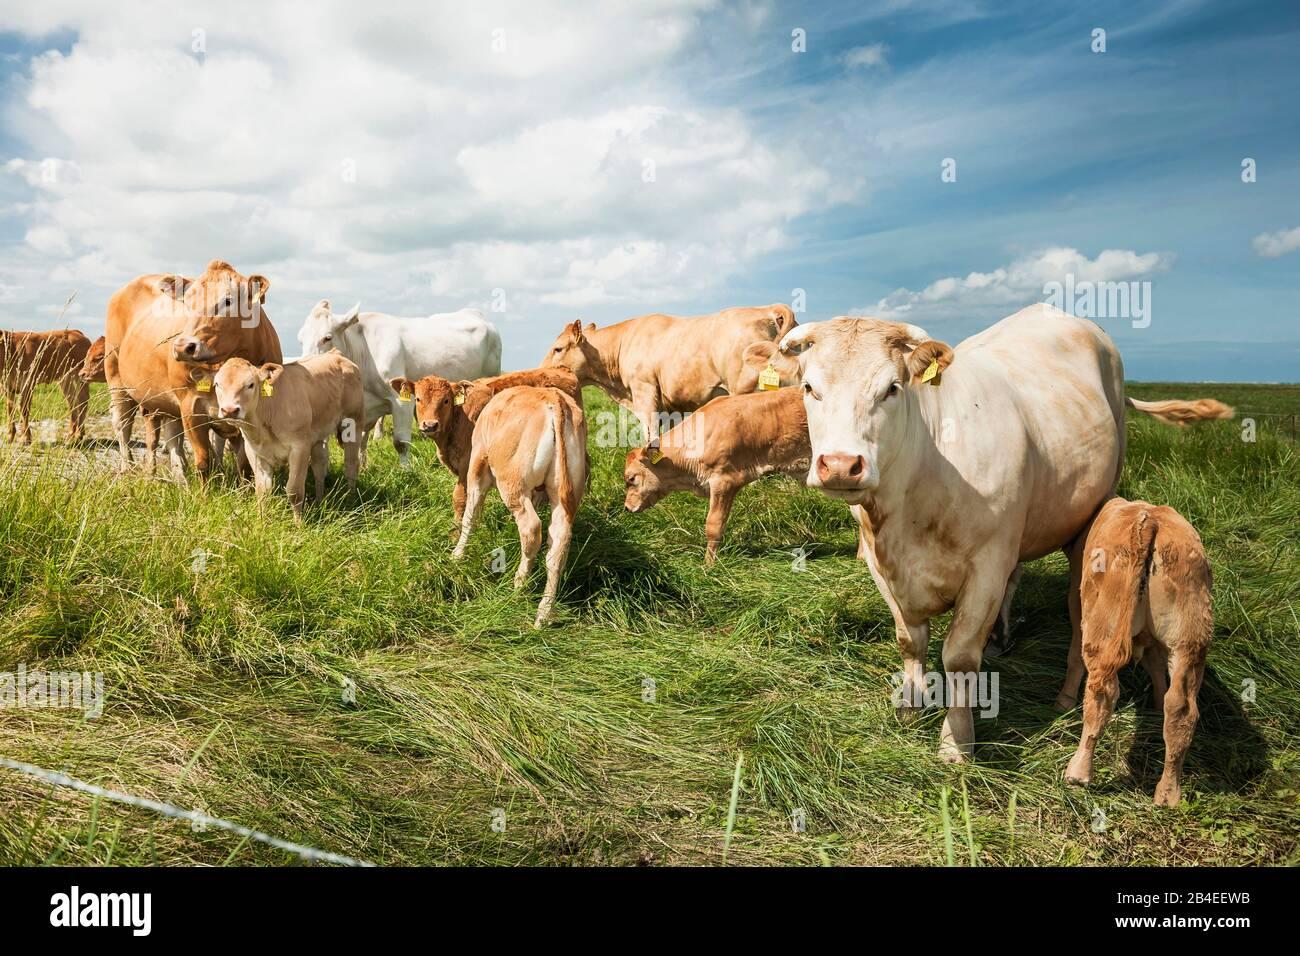 Agricultura, ganadería, rebaño de vacas en pastos, ganadería Charolais, con terneros Foto de stock